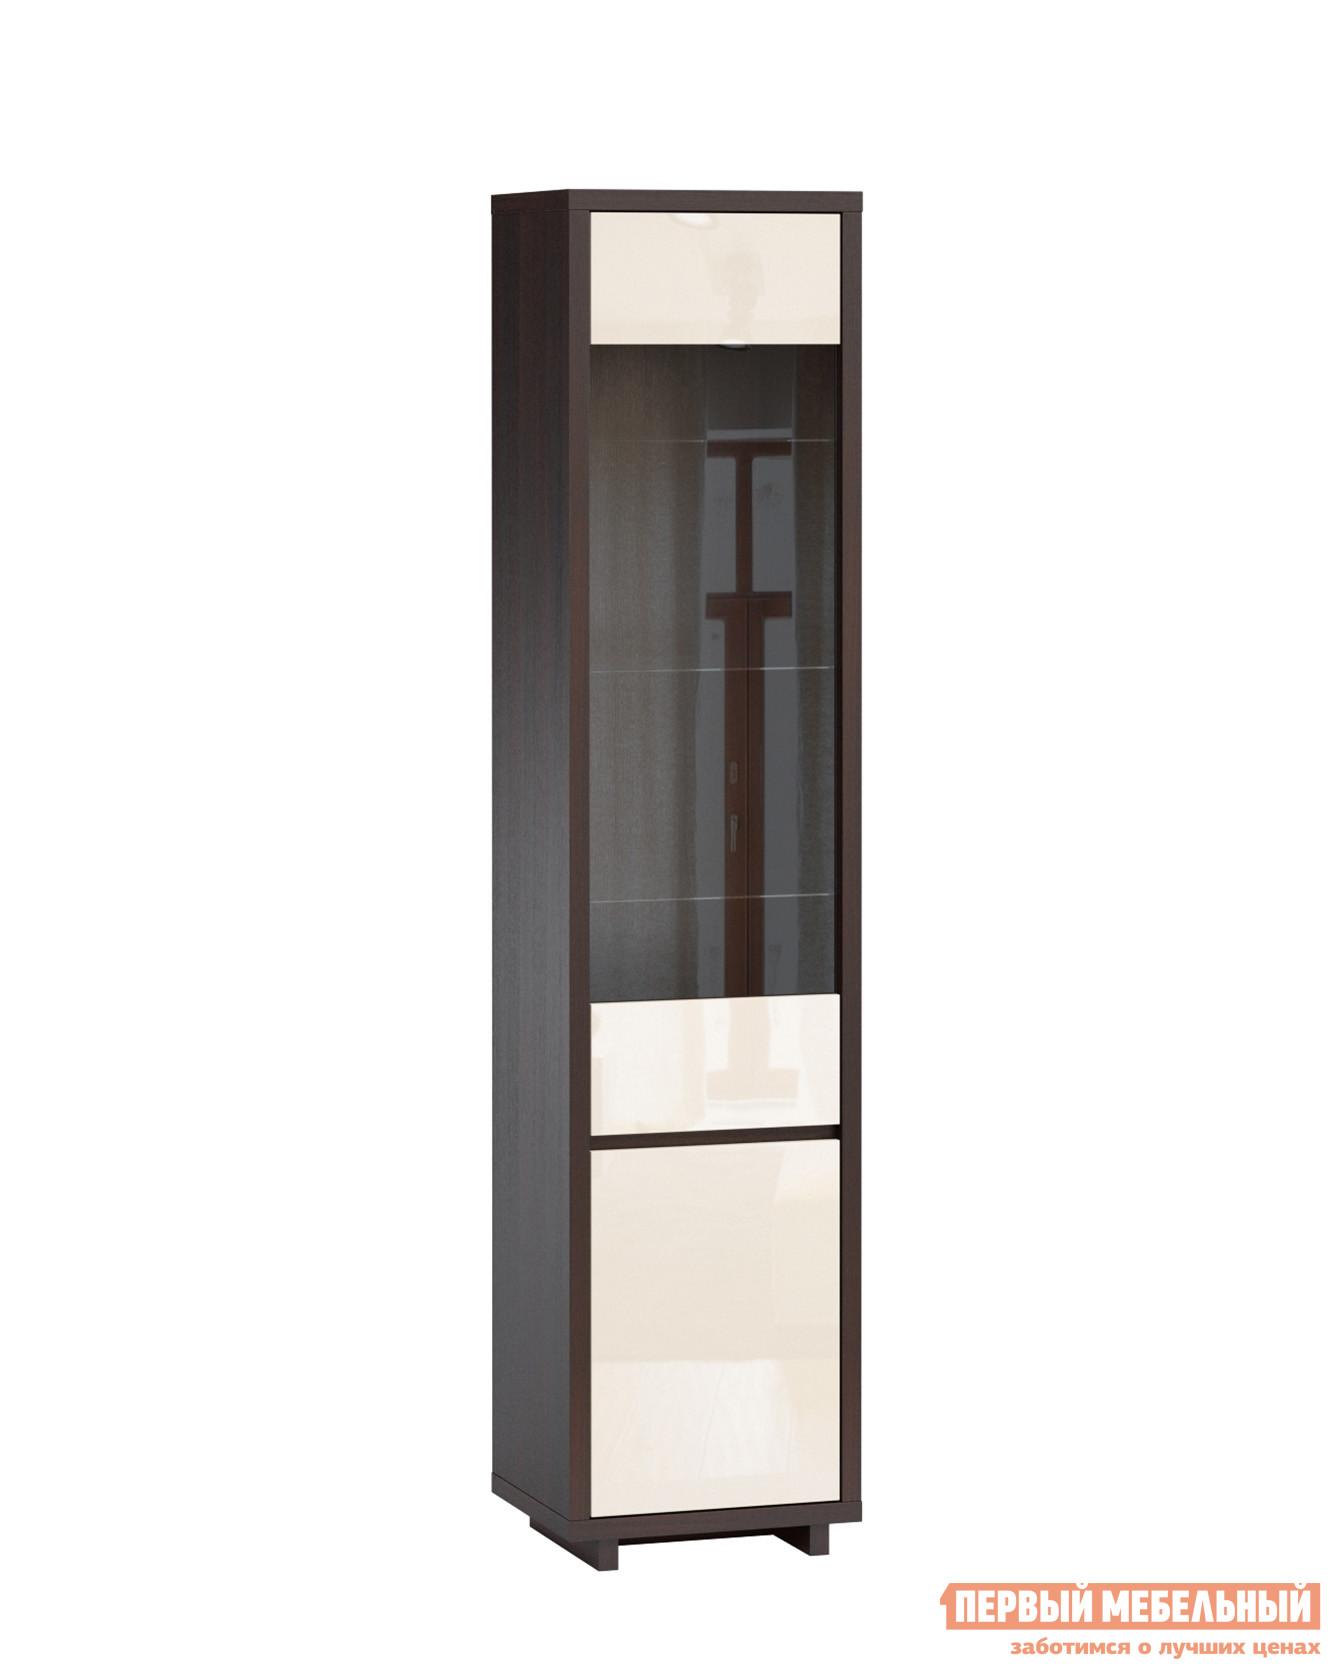 Шкаф-витрина WOODCRAFT Аспен Шкаф-витрина (2 двери) ВК-00002410 шкаф распашной woodcraft эссен шкаф 1 дверь